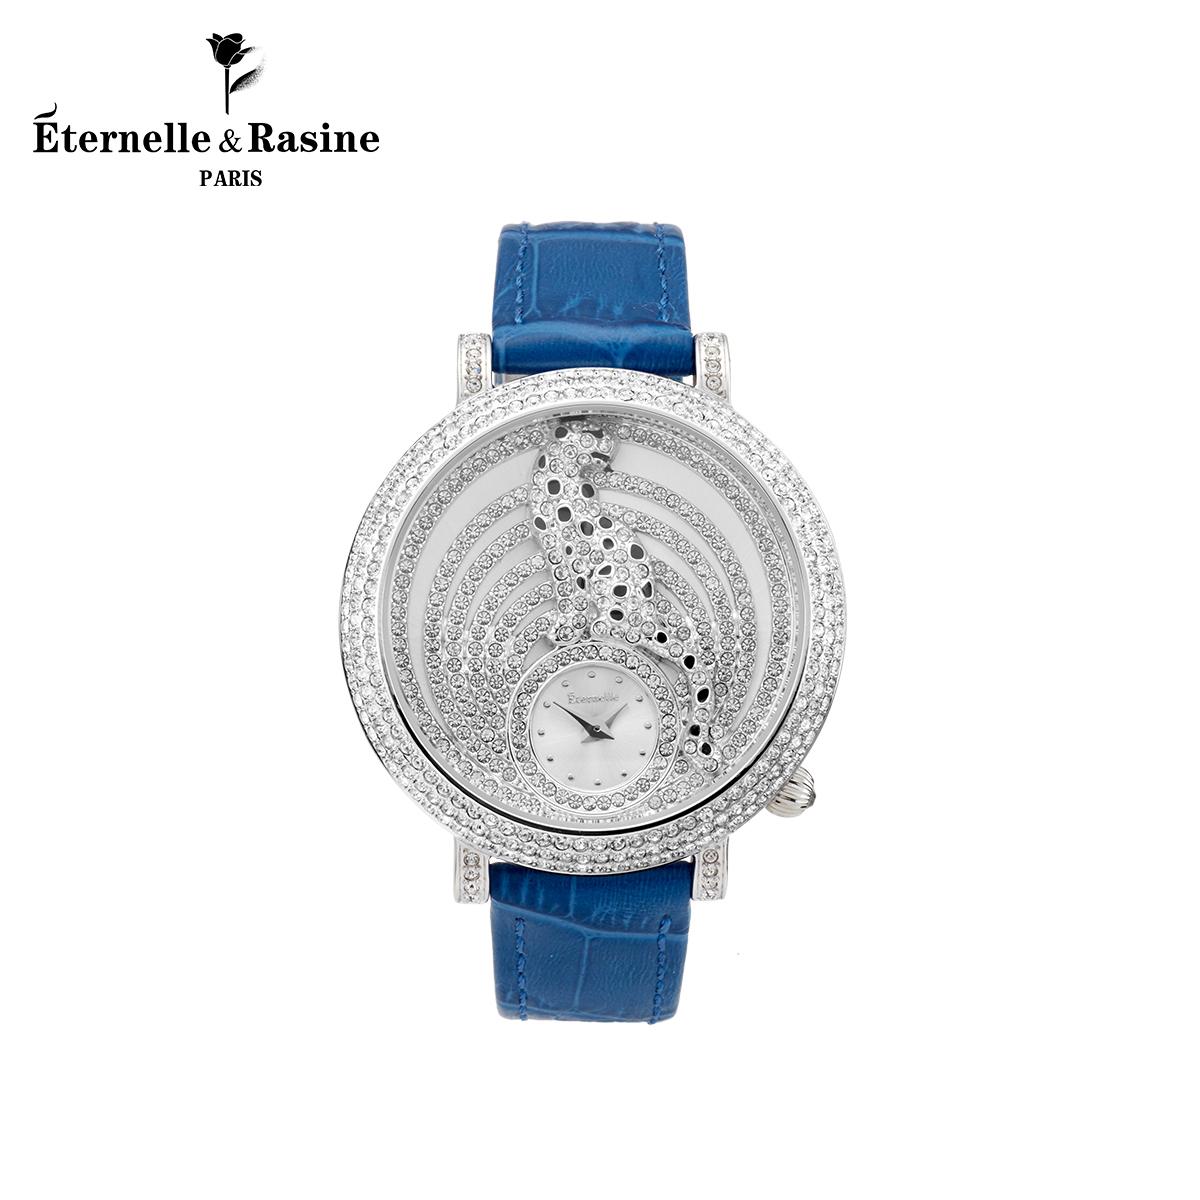 法国Eternelle时尚潮流女士腕表 欧美风时装手表石英表情人节礼物